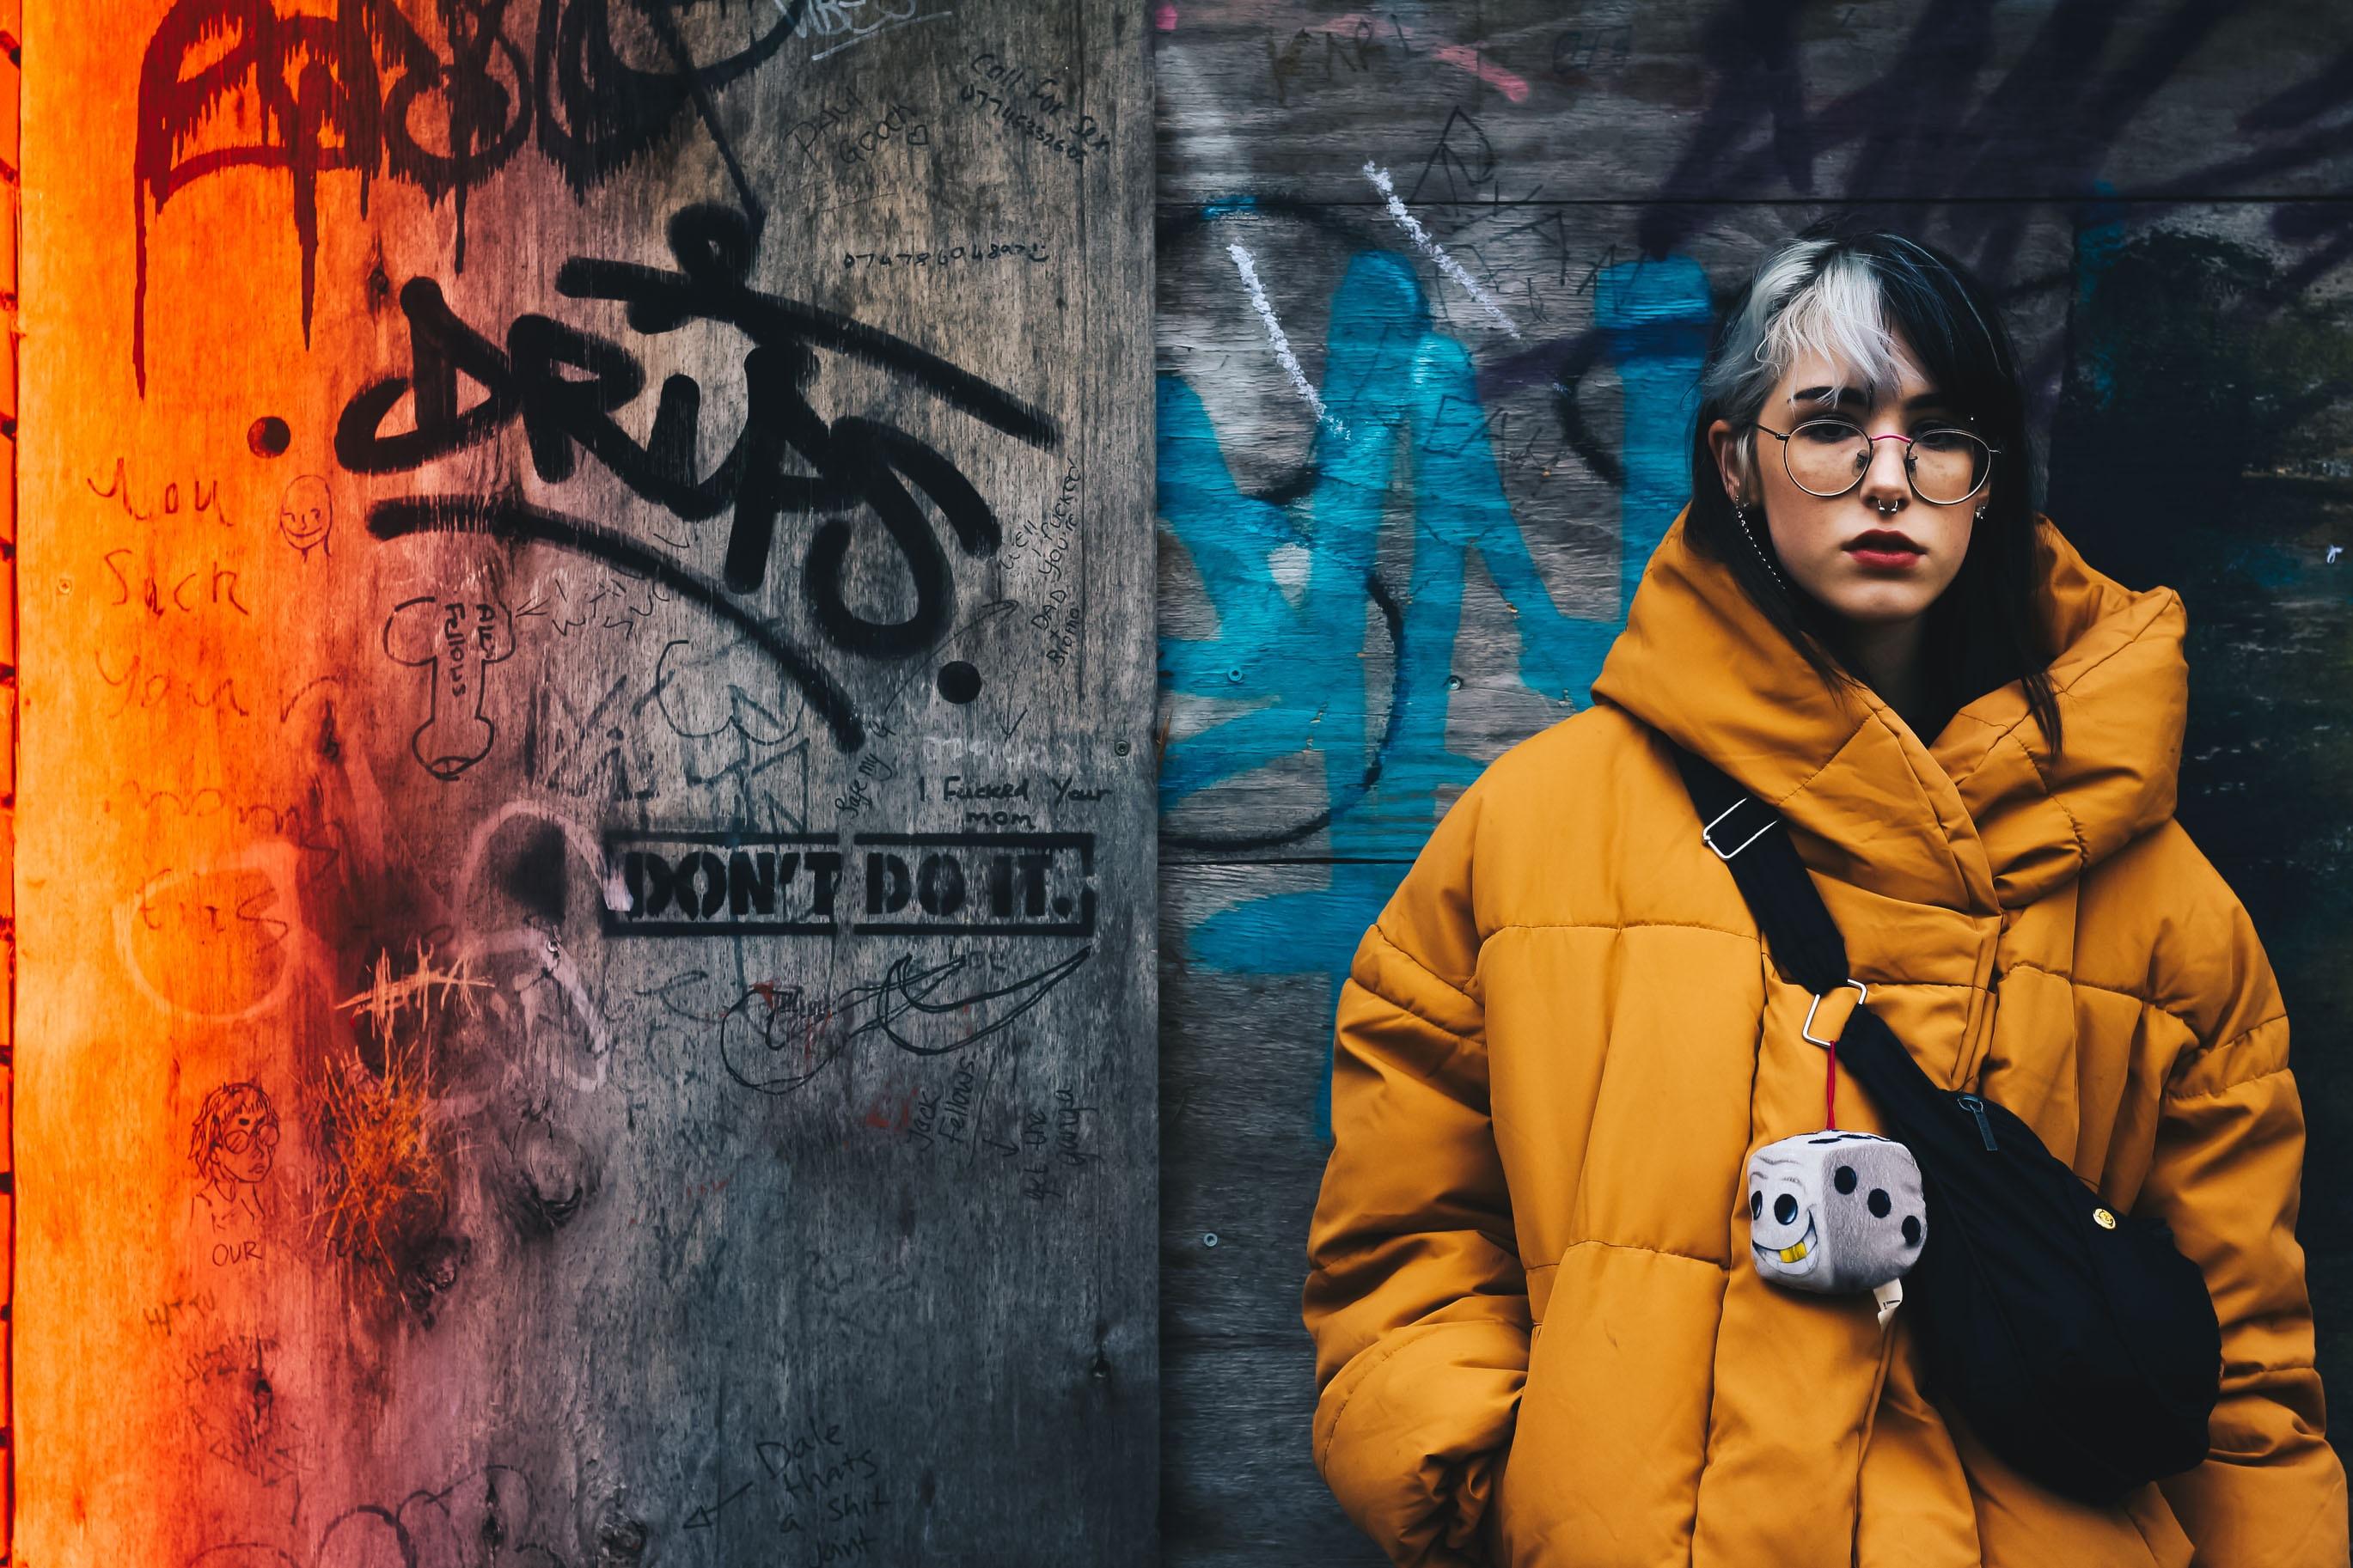 woman standing on gray graffiti wall